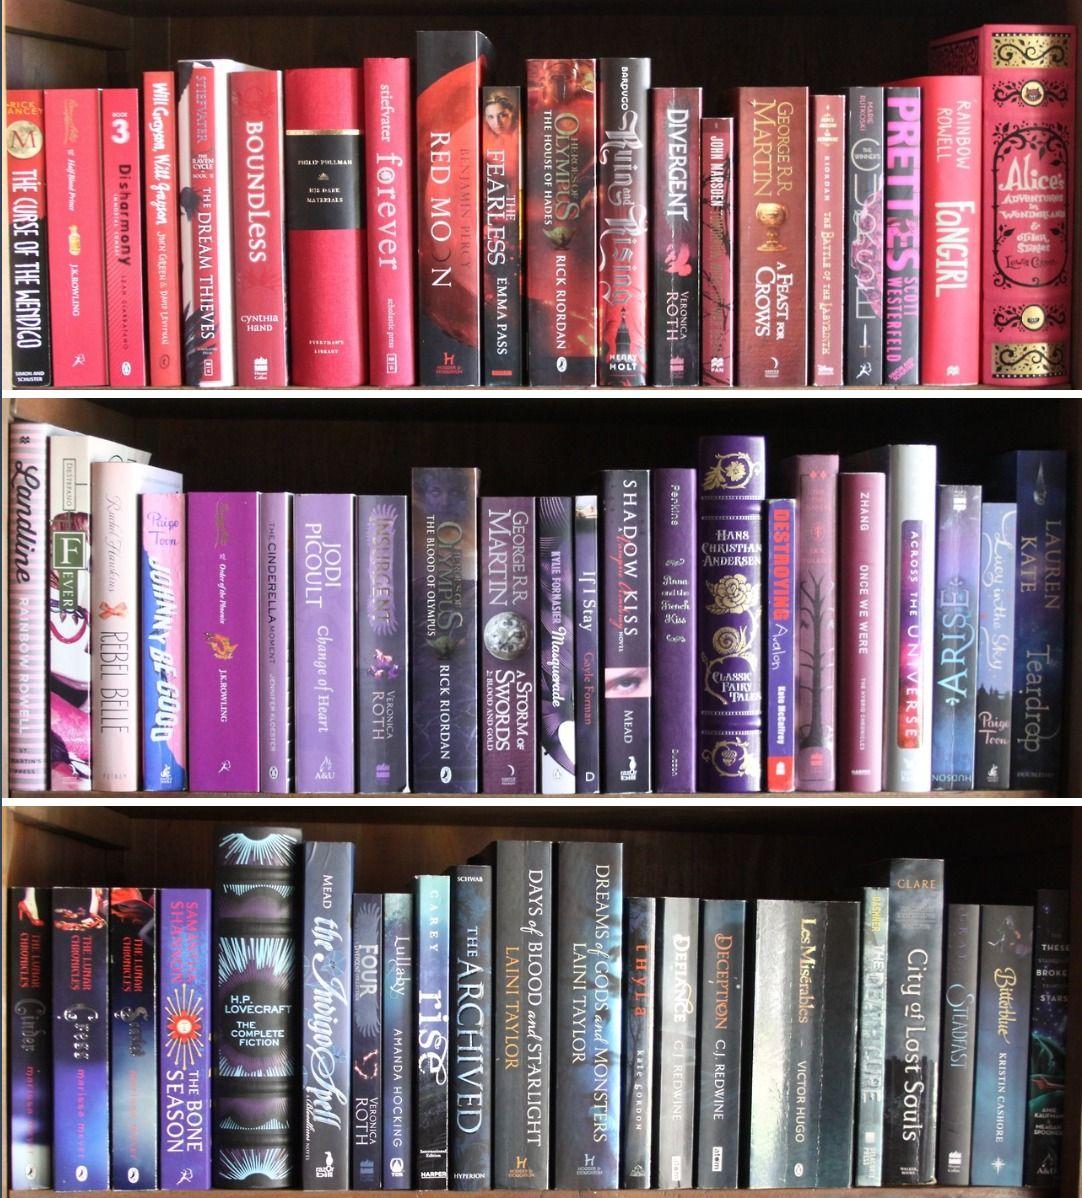 Gradient bookshelf, yes please.